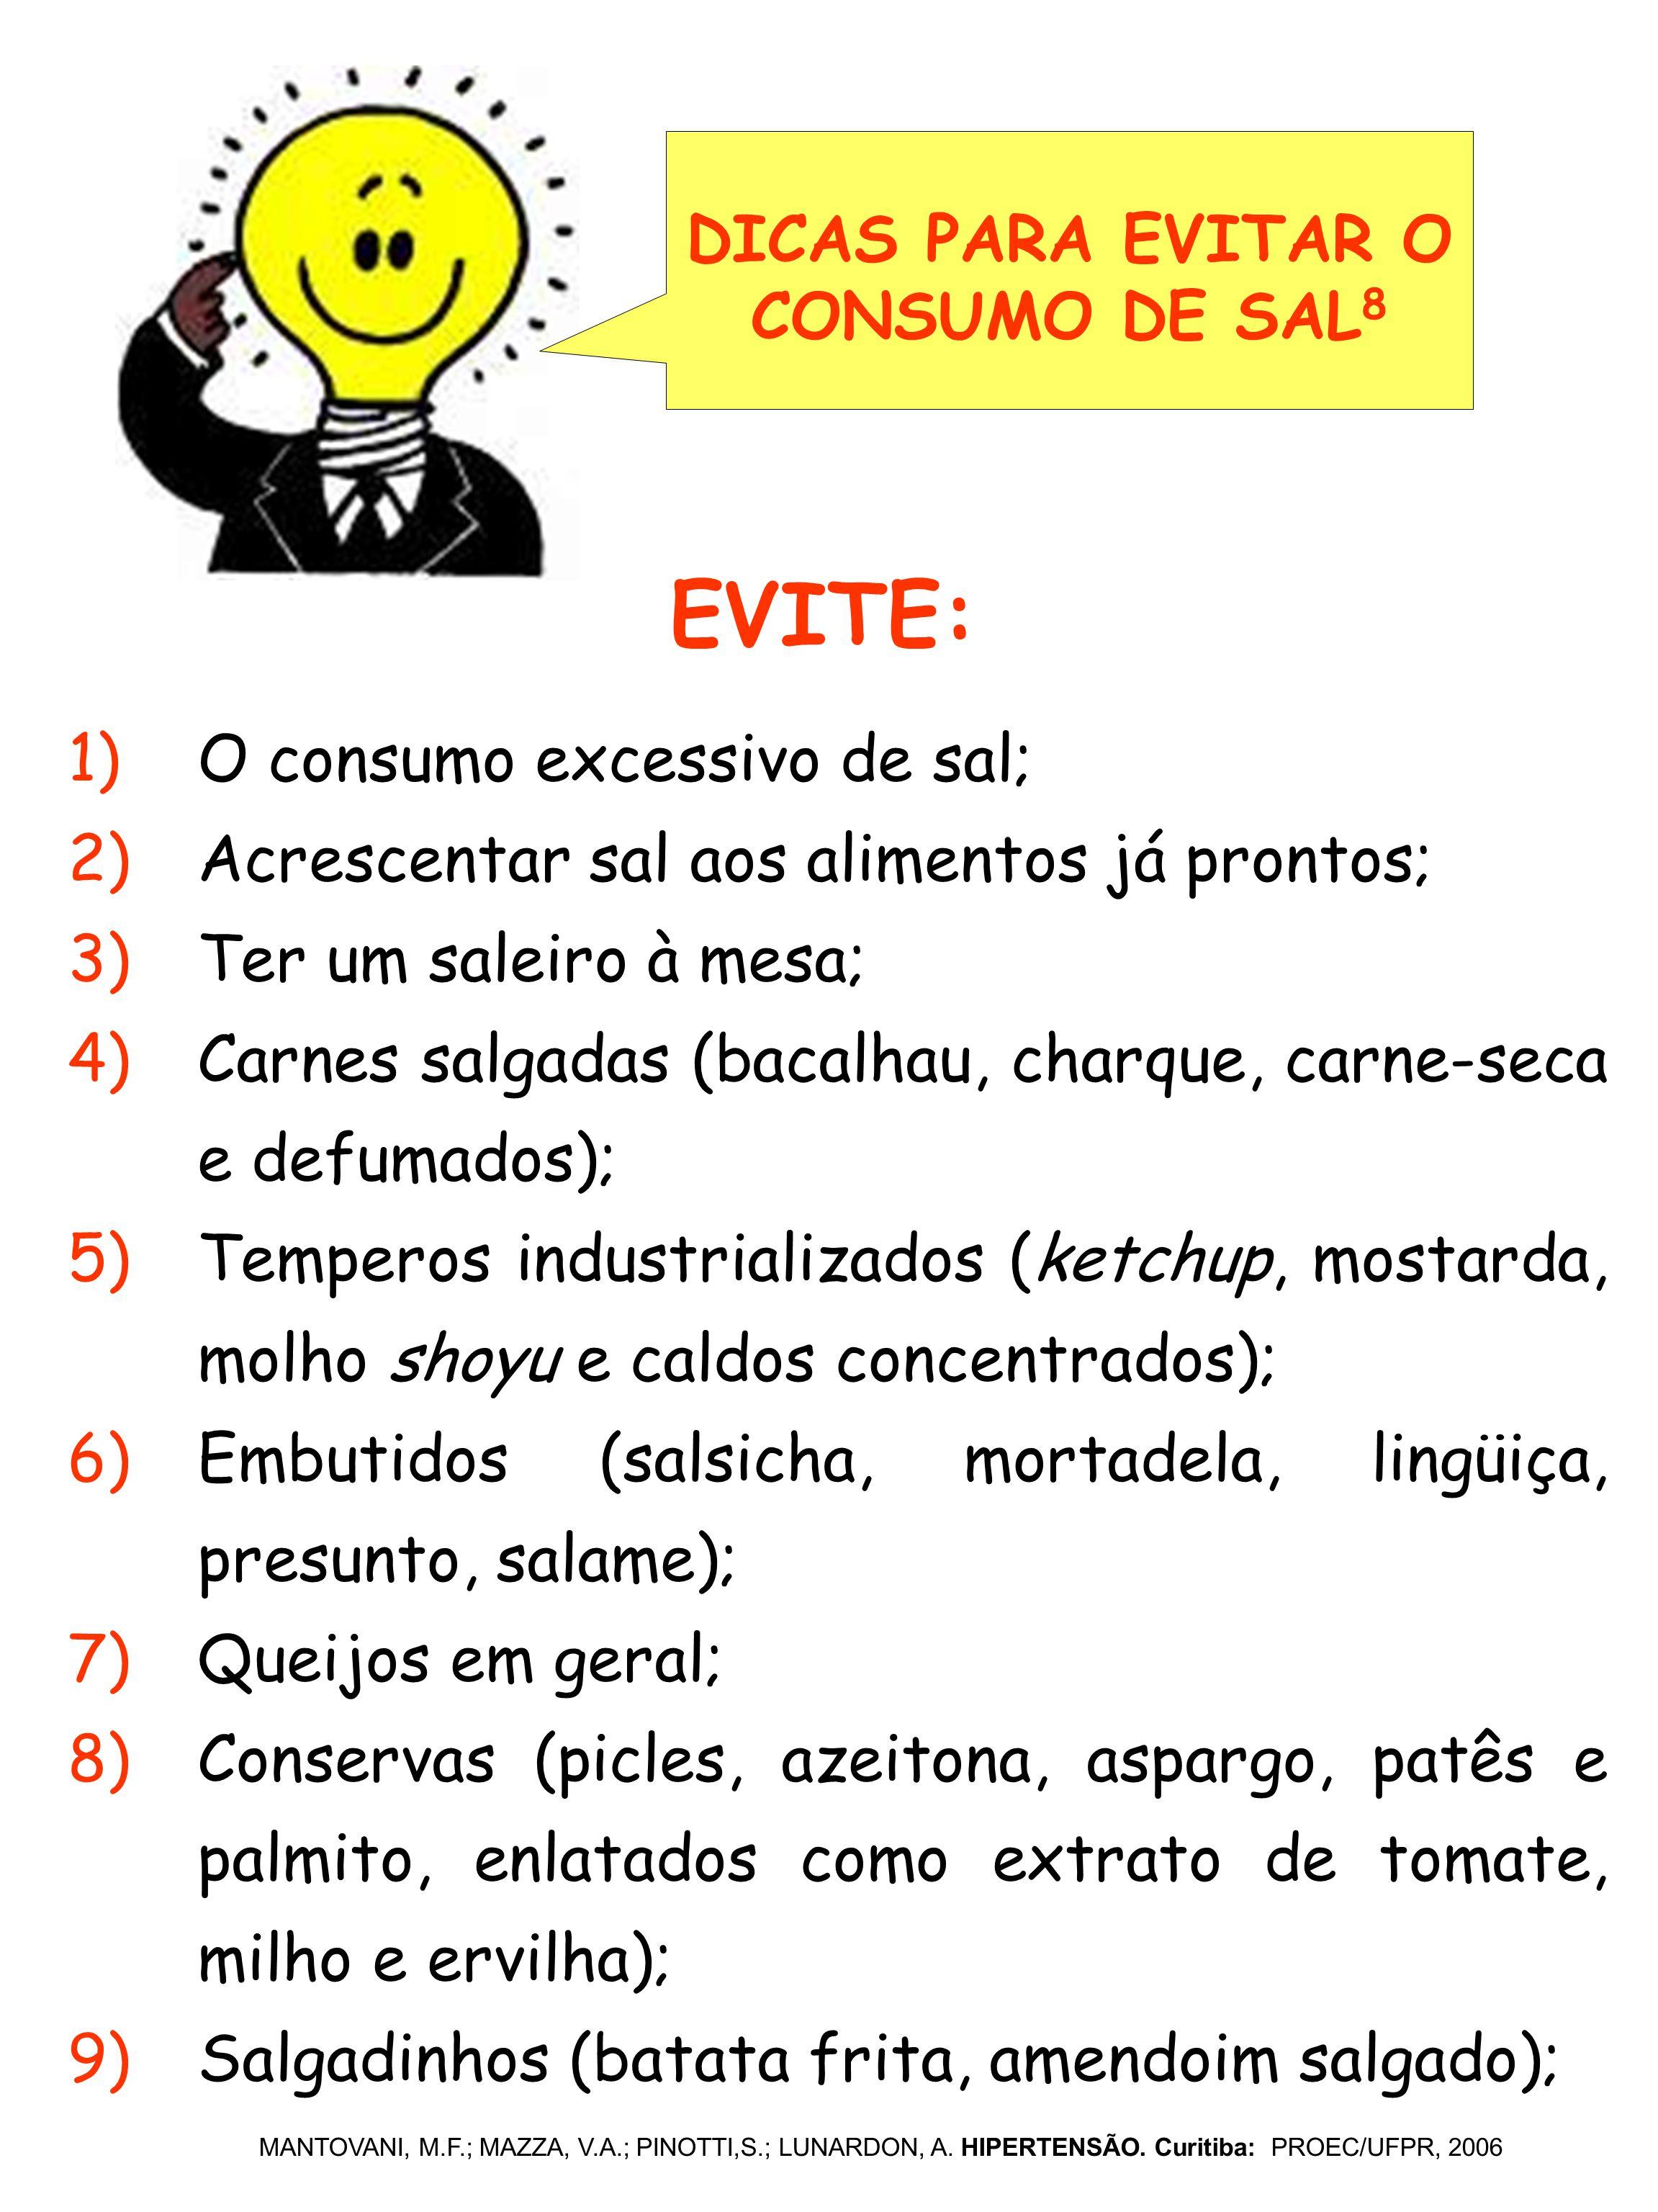 DICAS PARA EVITAR O CONSUMO DE SAL8